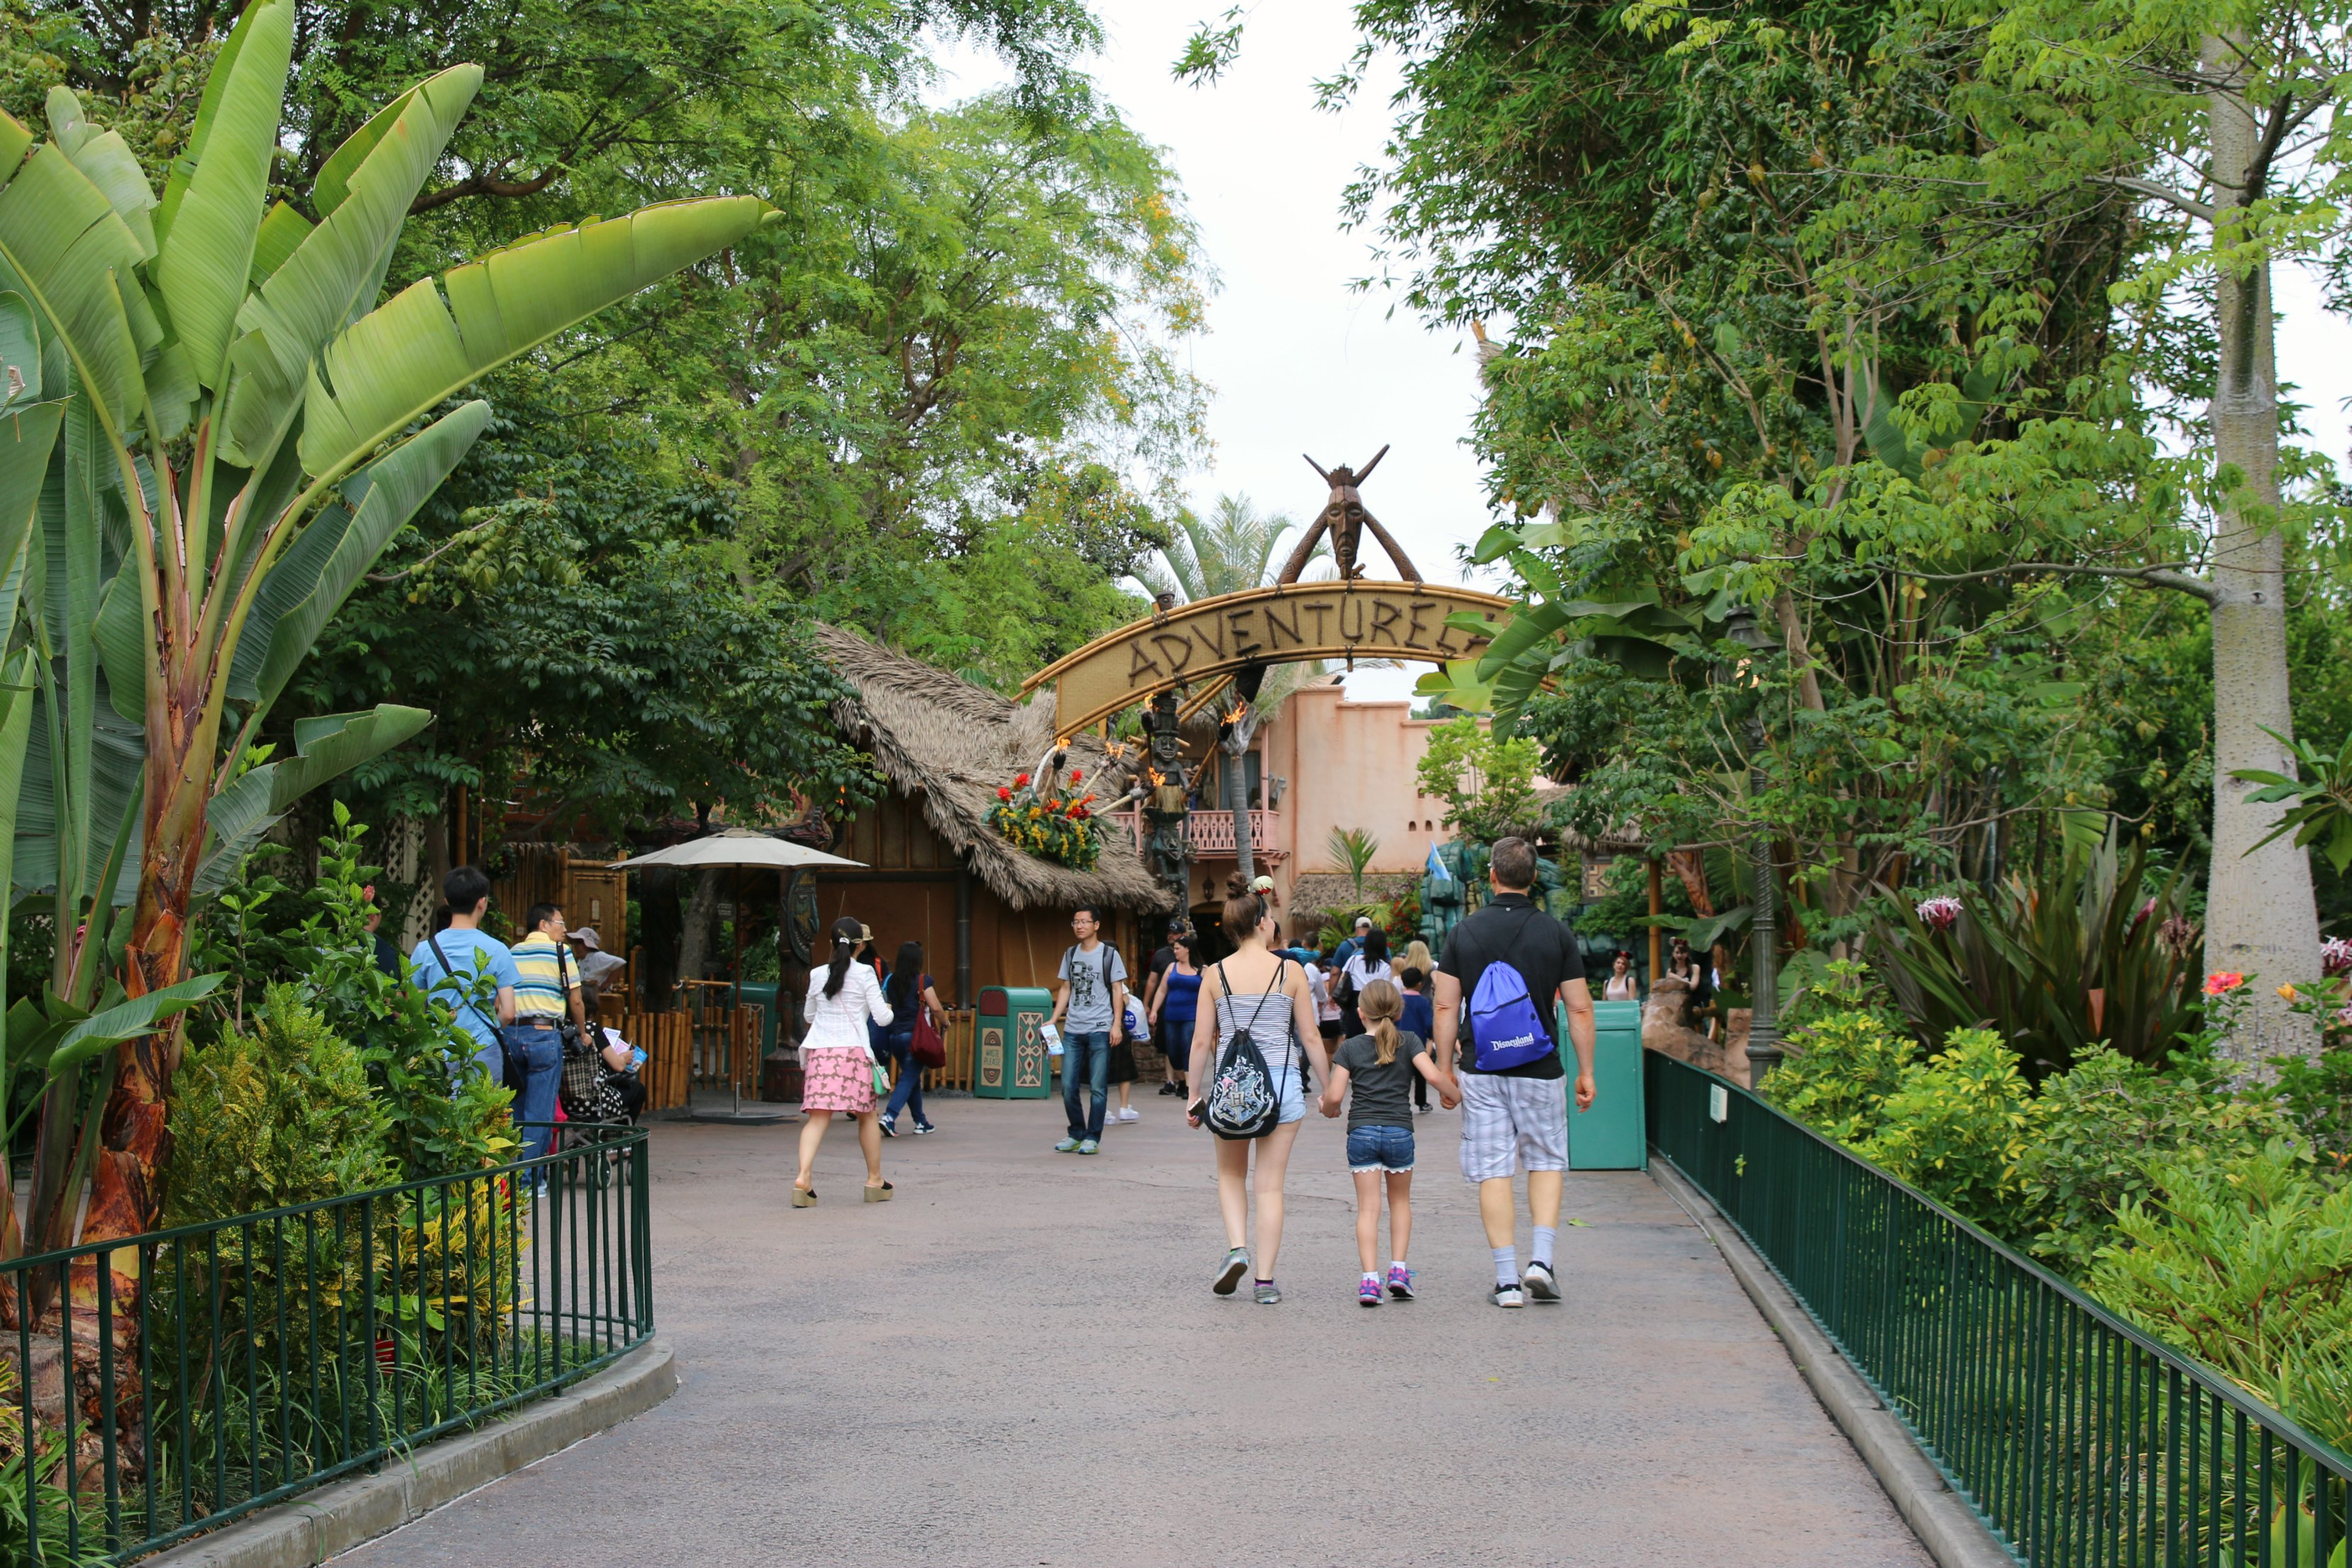 Adventureland Disneyland Tips